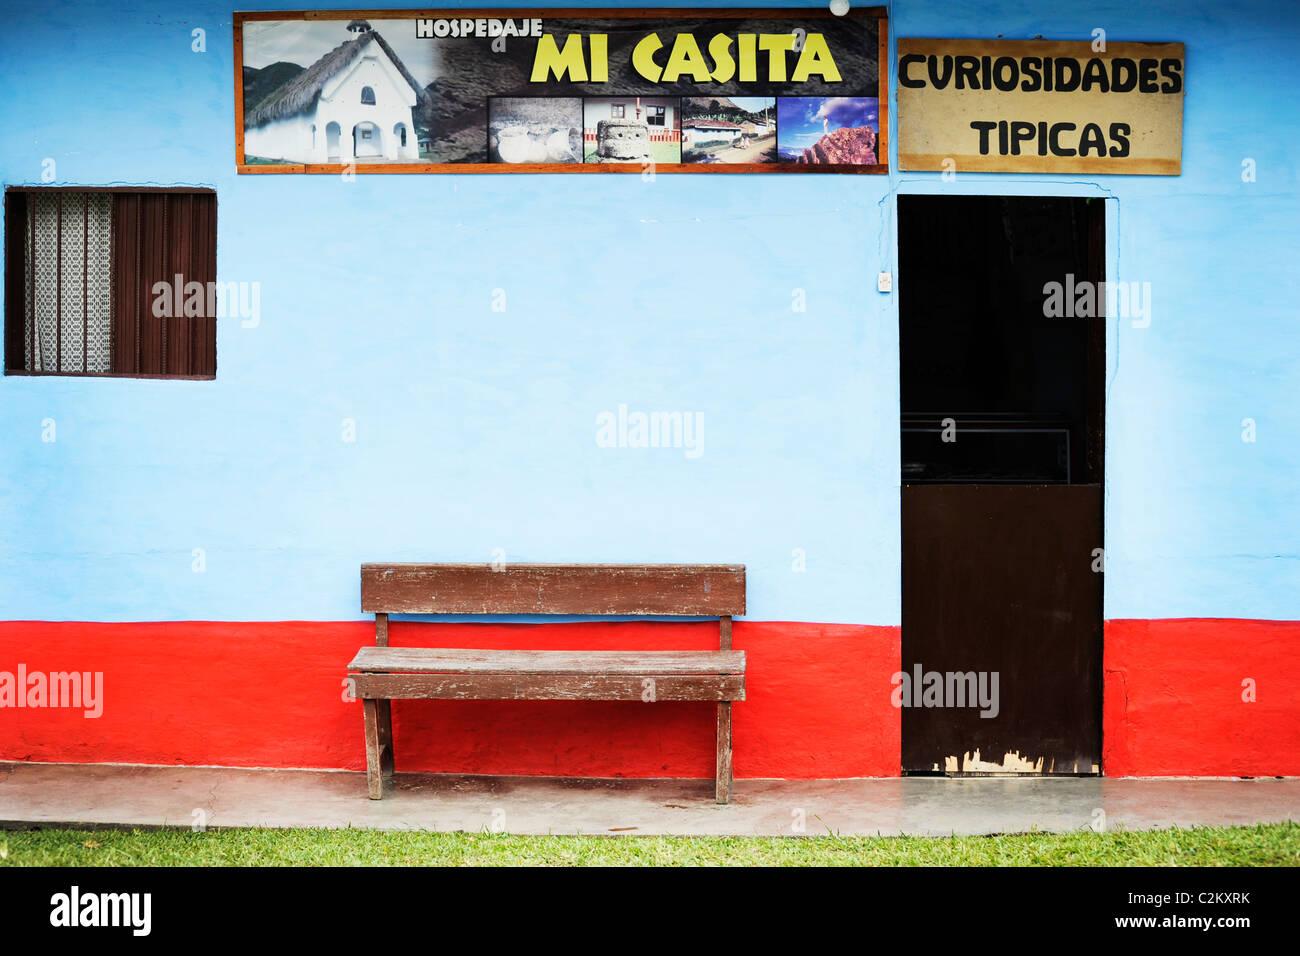 Close up dettaglio della parte anteriore di un ostello e il negozio in Tierra dentro, Colombia meridionale Immagini Stock